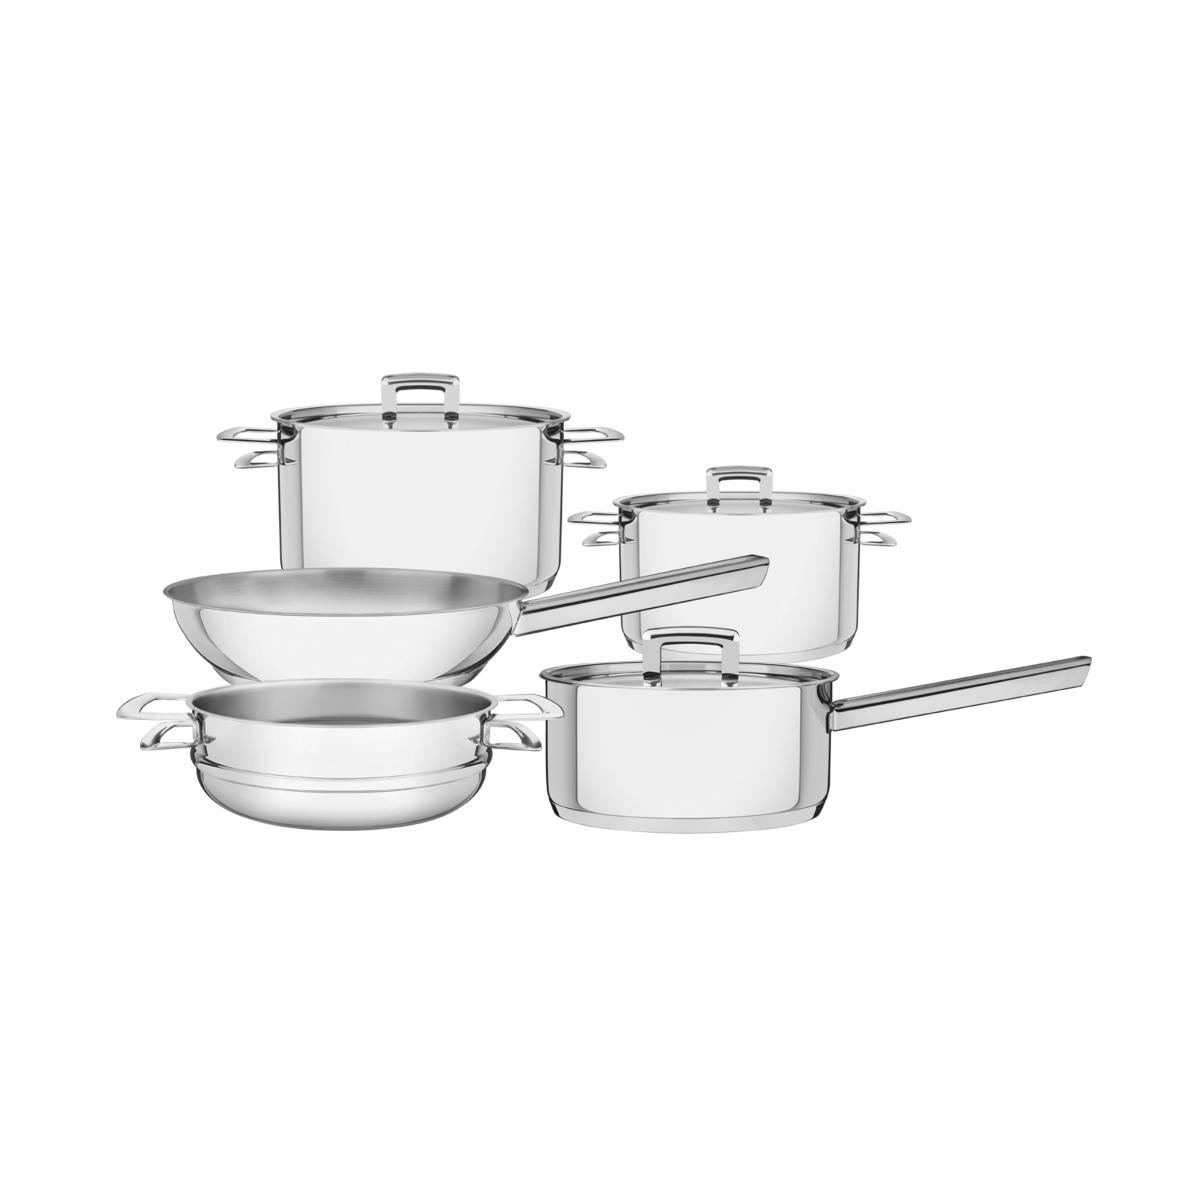 Tramontina - Batería de cocina acero inoxidable con fondo triple 5 pzas.